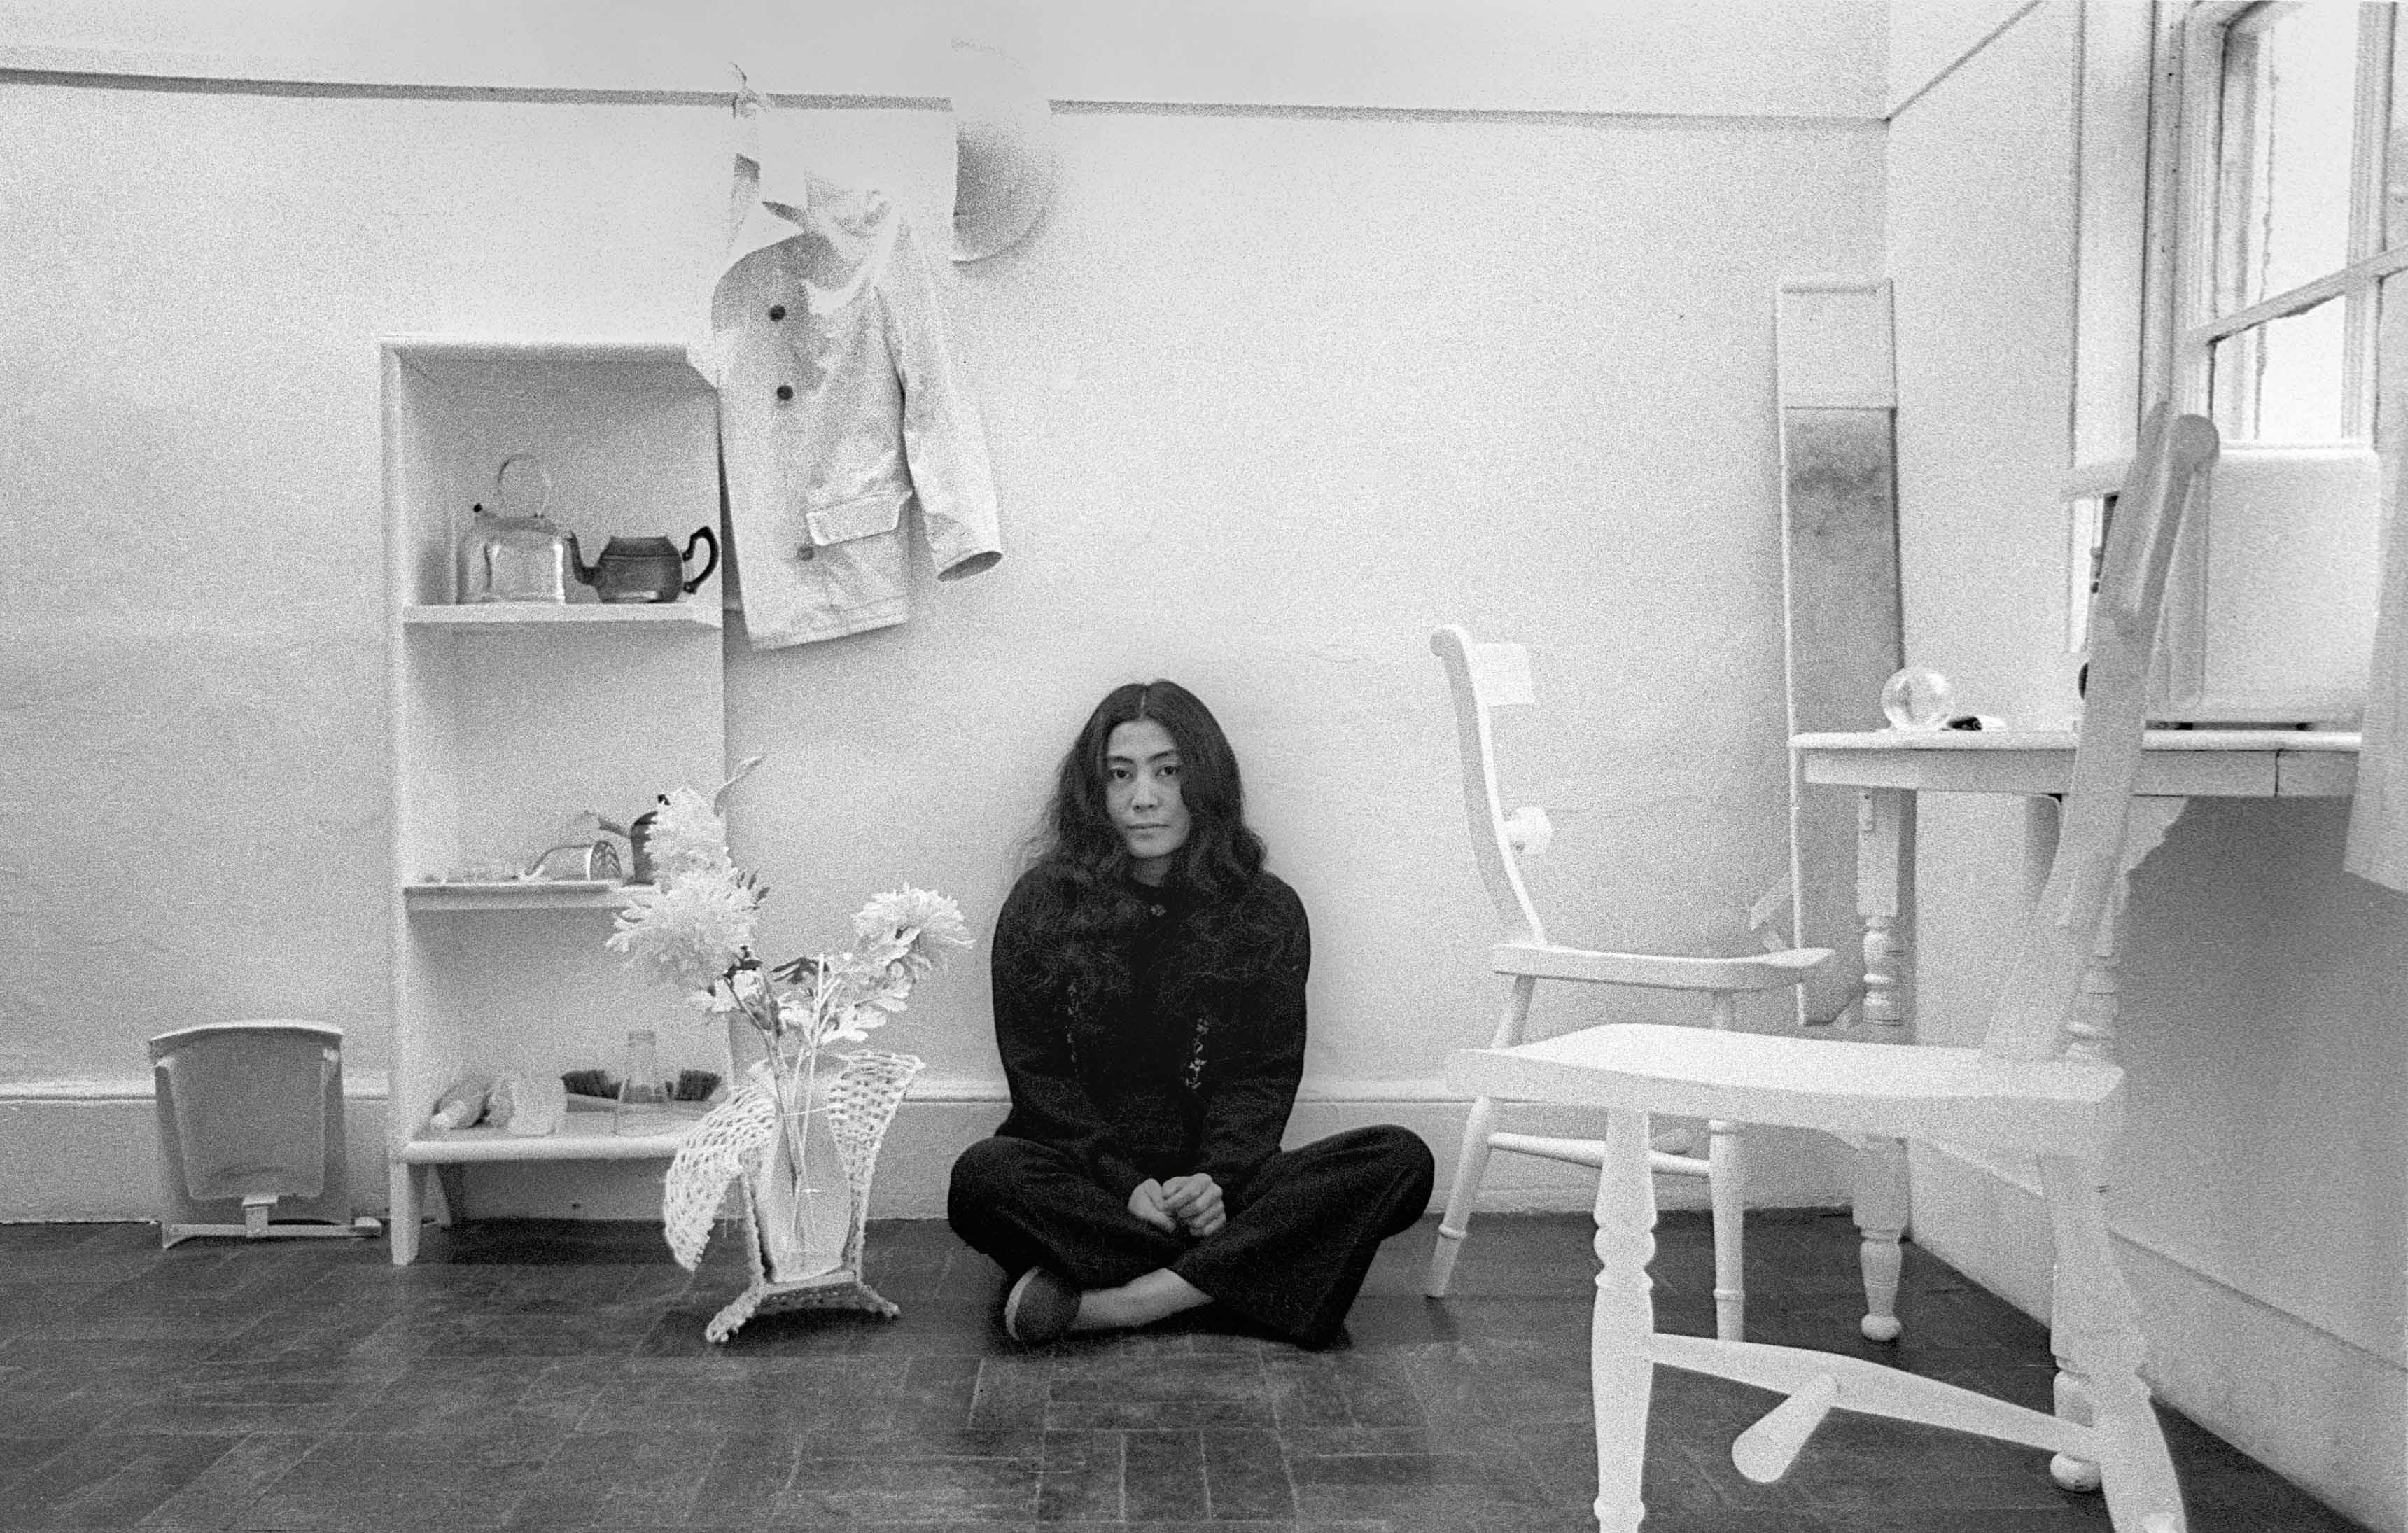 Yoko Ono au sein de son installation Half-a-Room à la Lisson Gallery en 1967, année de son ouverture.